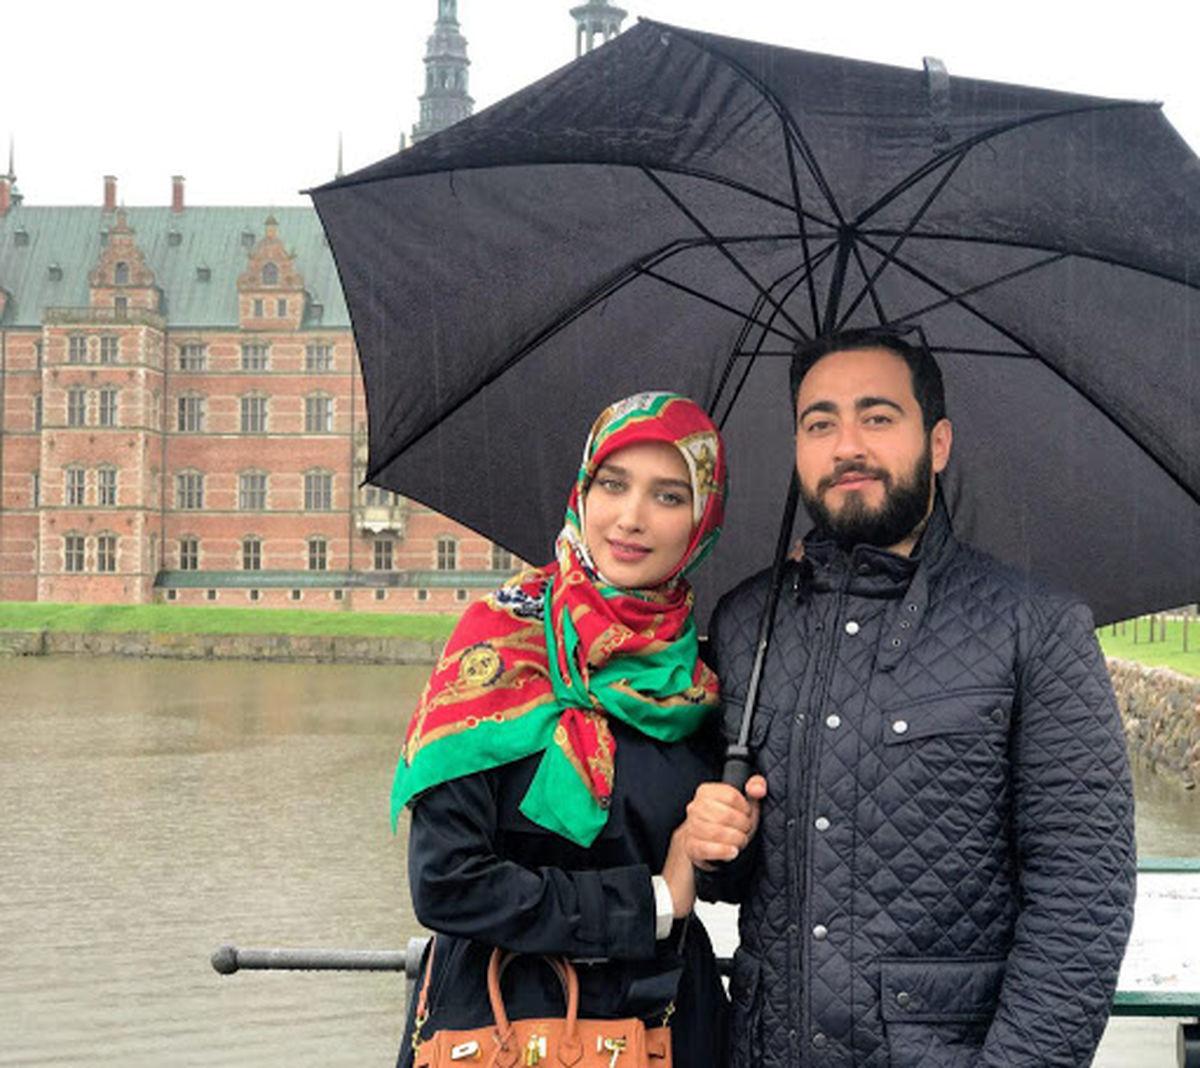 واکنش آناشید حسینی به شایعه ارتباط همسرش با ریحانه پارسا + عکس